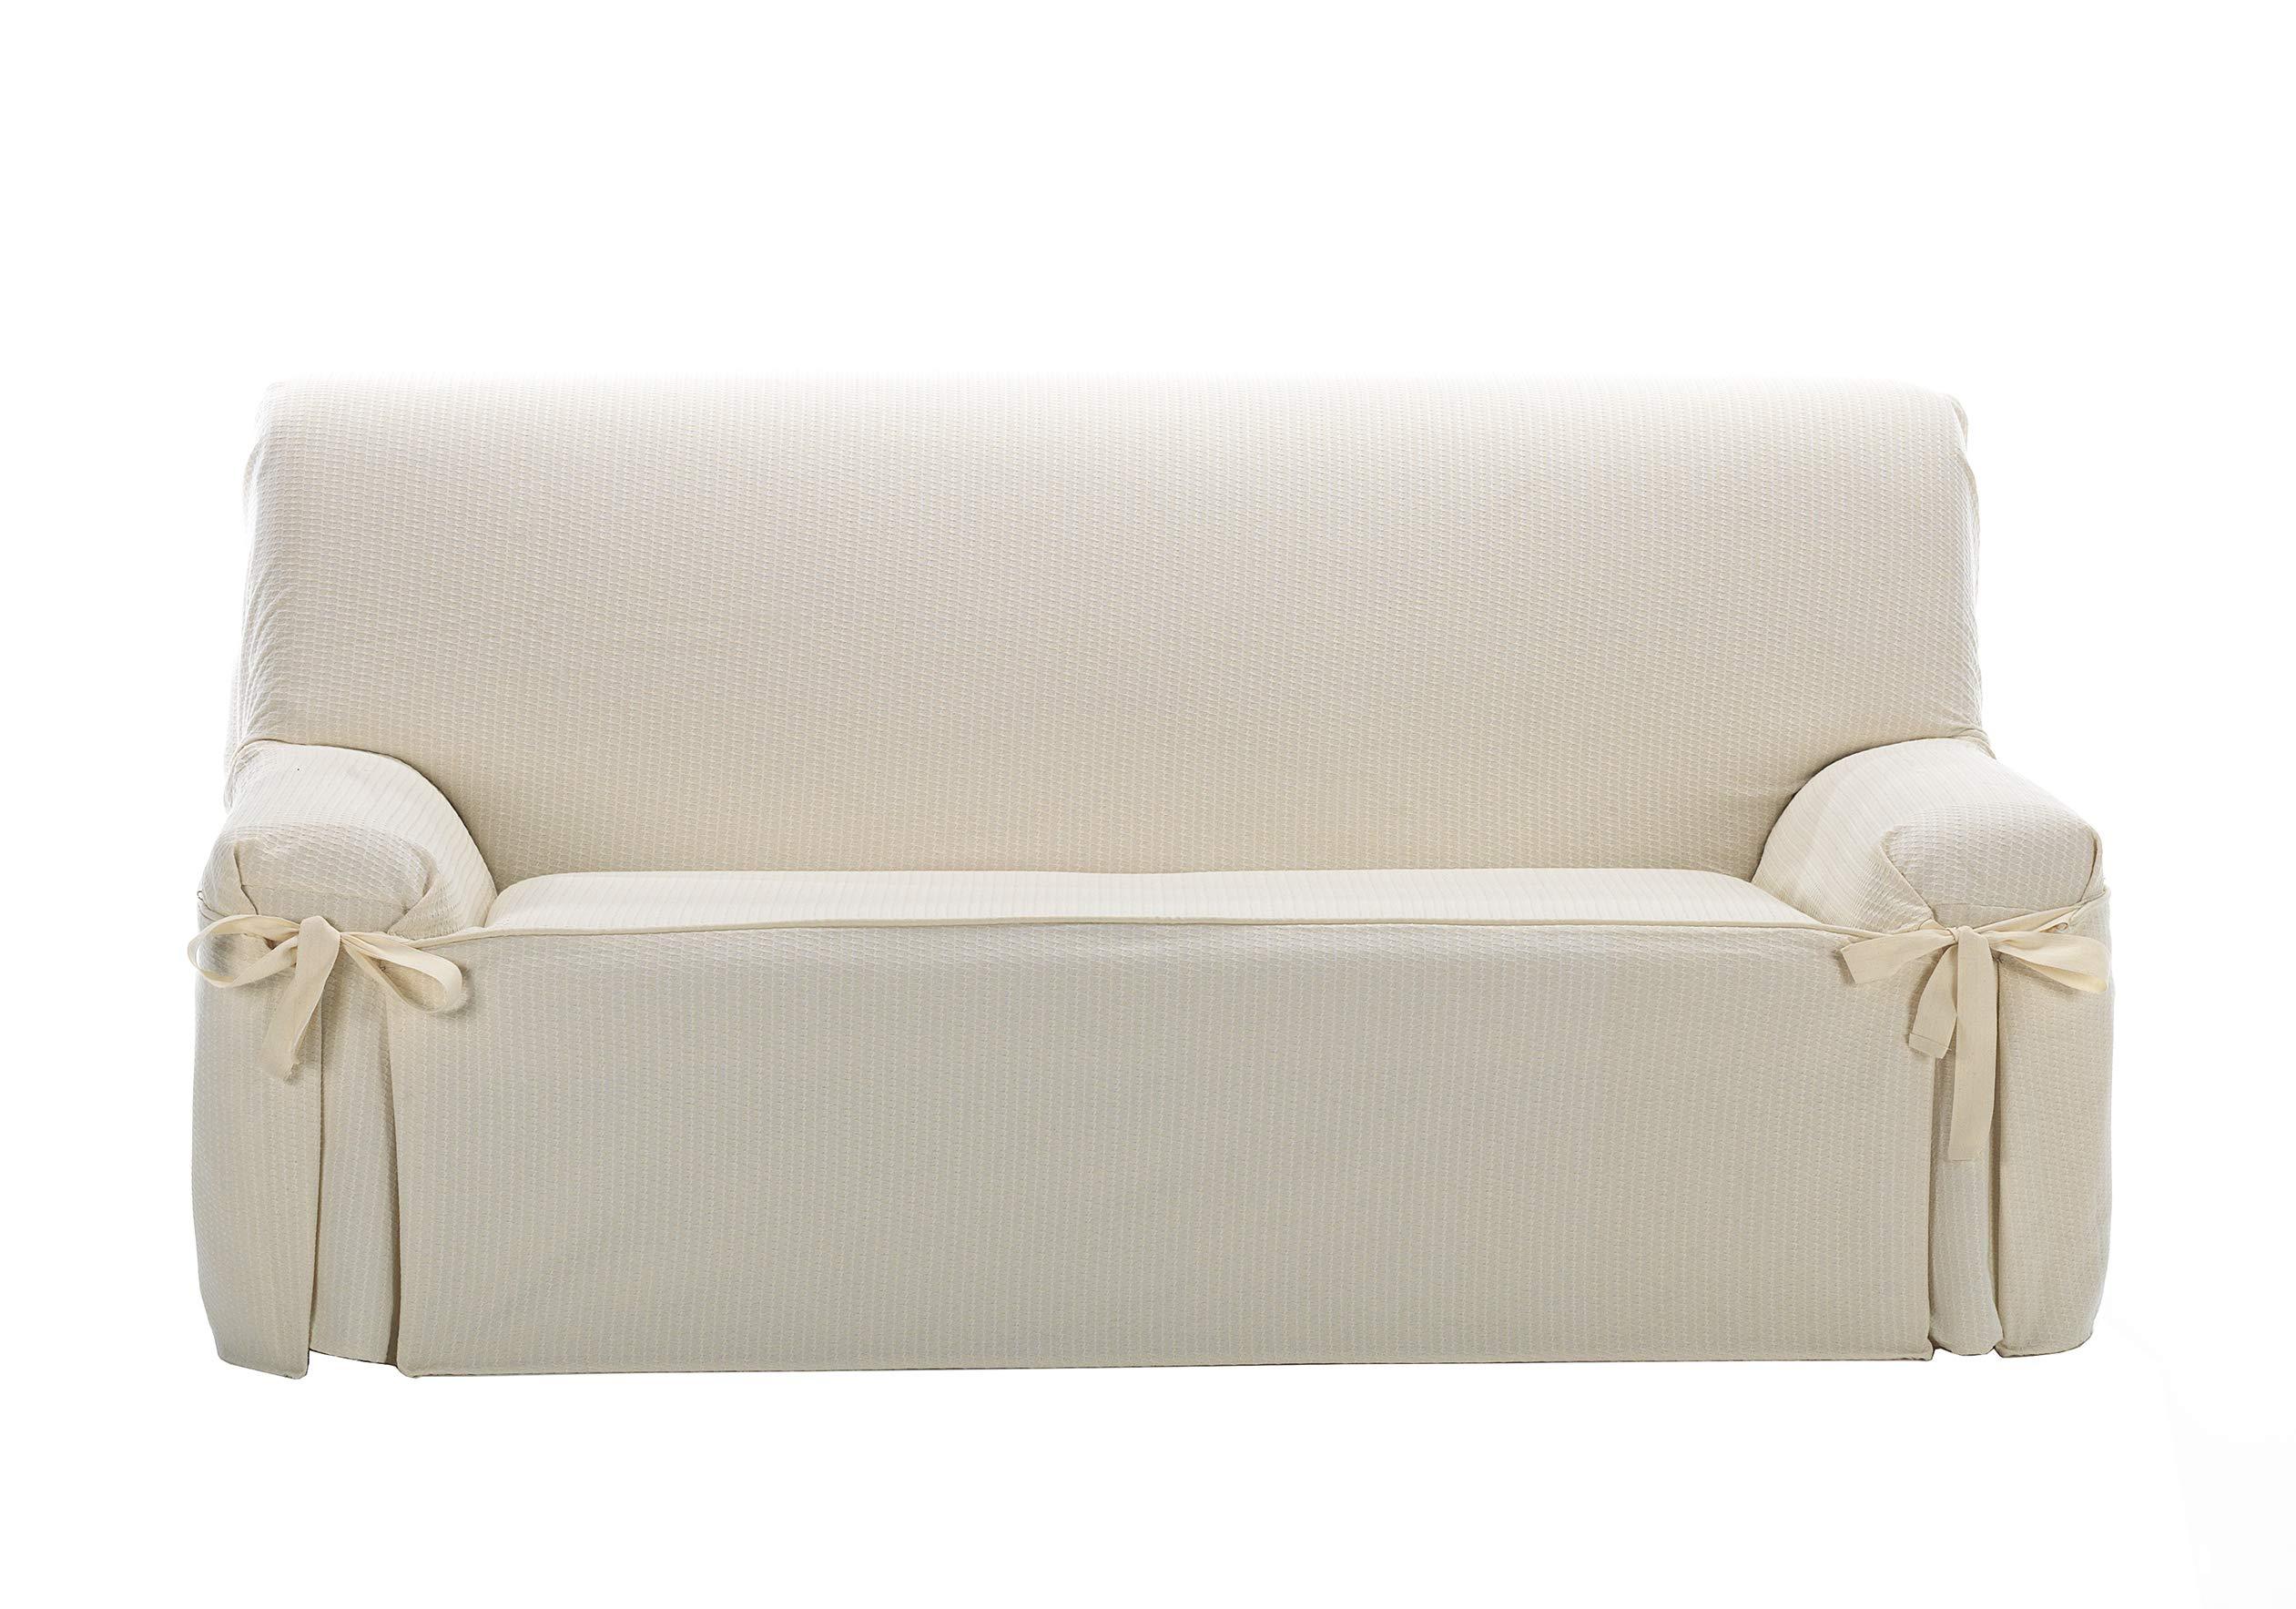 Colore beige Copridivano 3 posti per divani da 170 a 200 cm di larghezza Eysa Plus